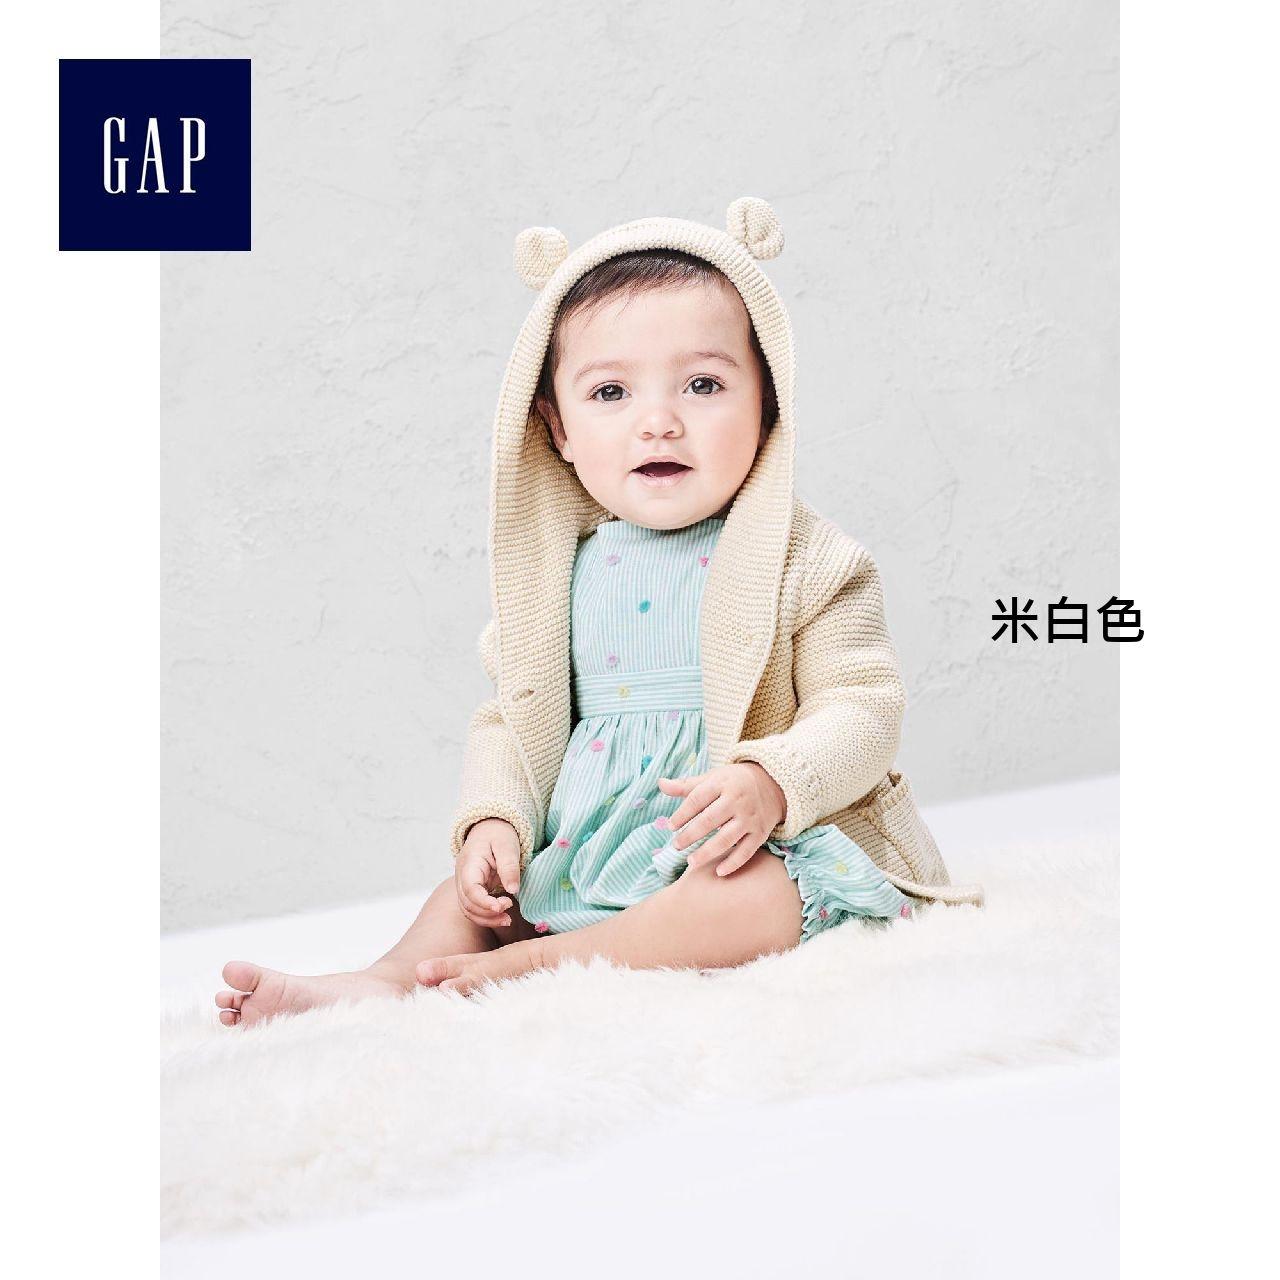 Gap男女嬰兒 純棉純色熊耳連帽針織開襟衫 215587